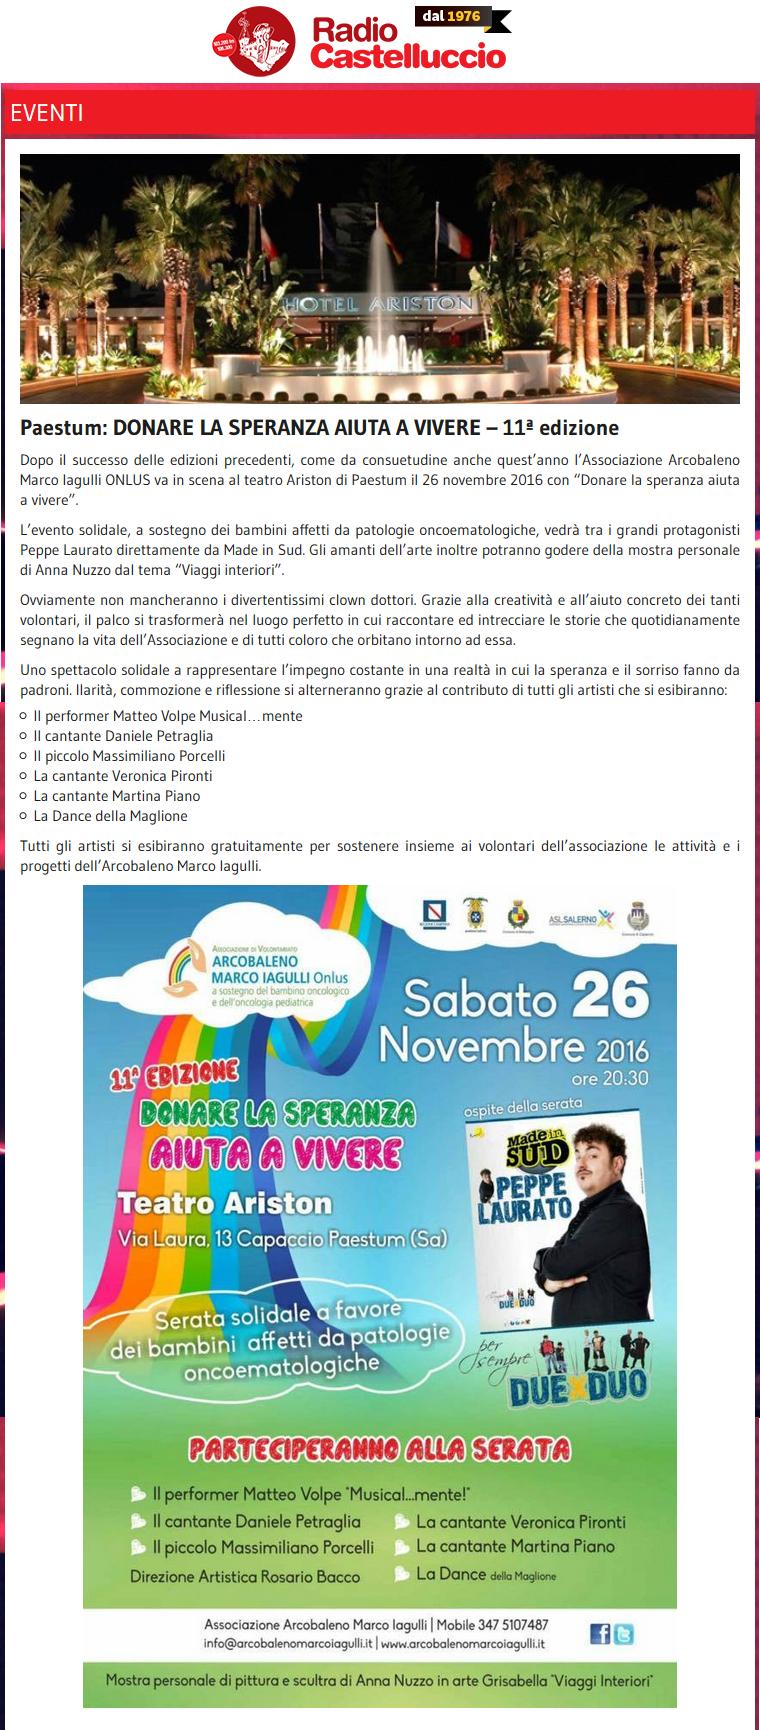 Radio Castelluccio - Donare la Speranza 2016